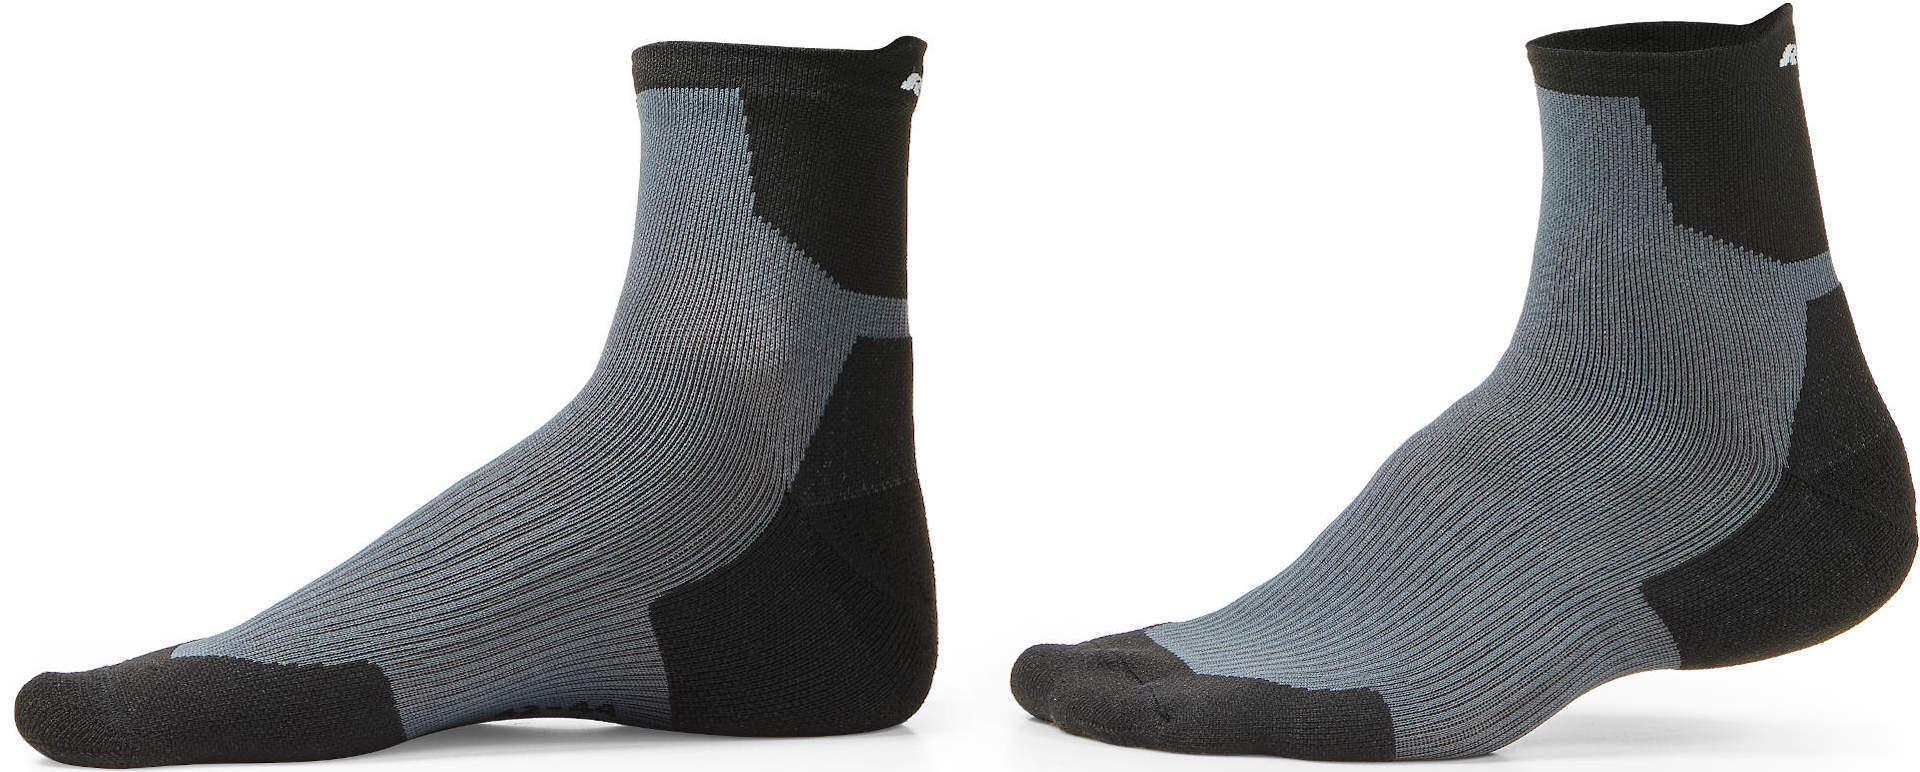 Revit Javelin Chaussettes Noir Gris taille : 45 46 47